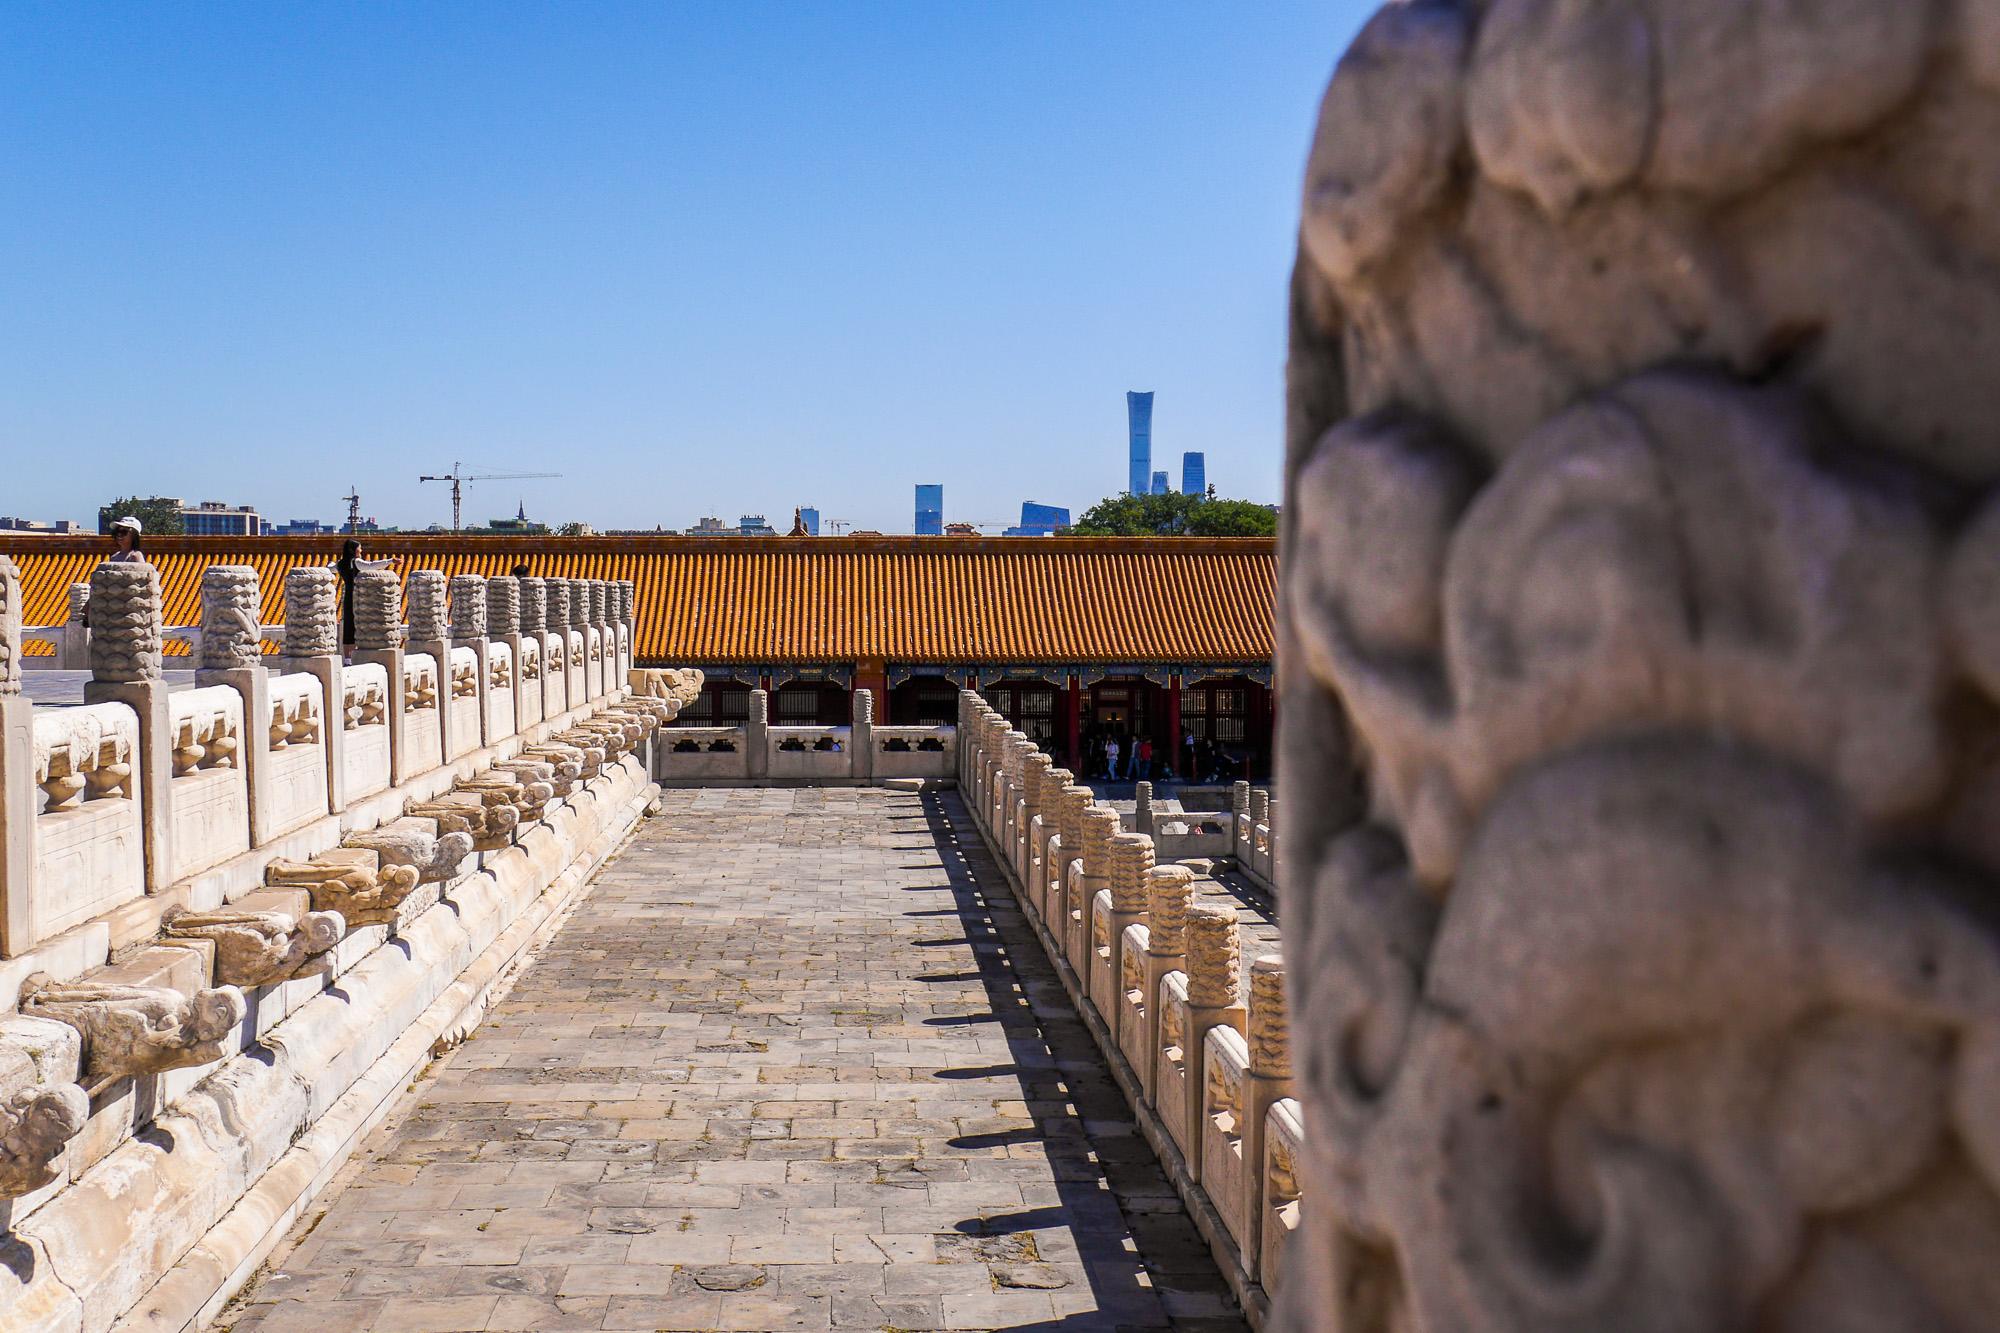 Beijing